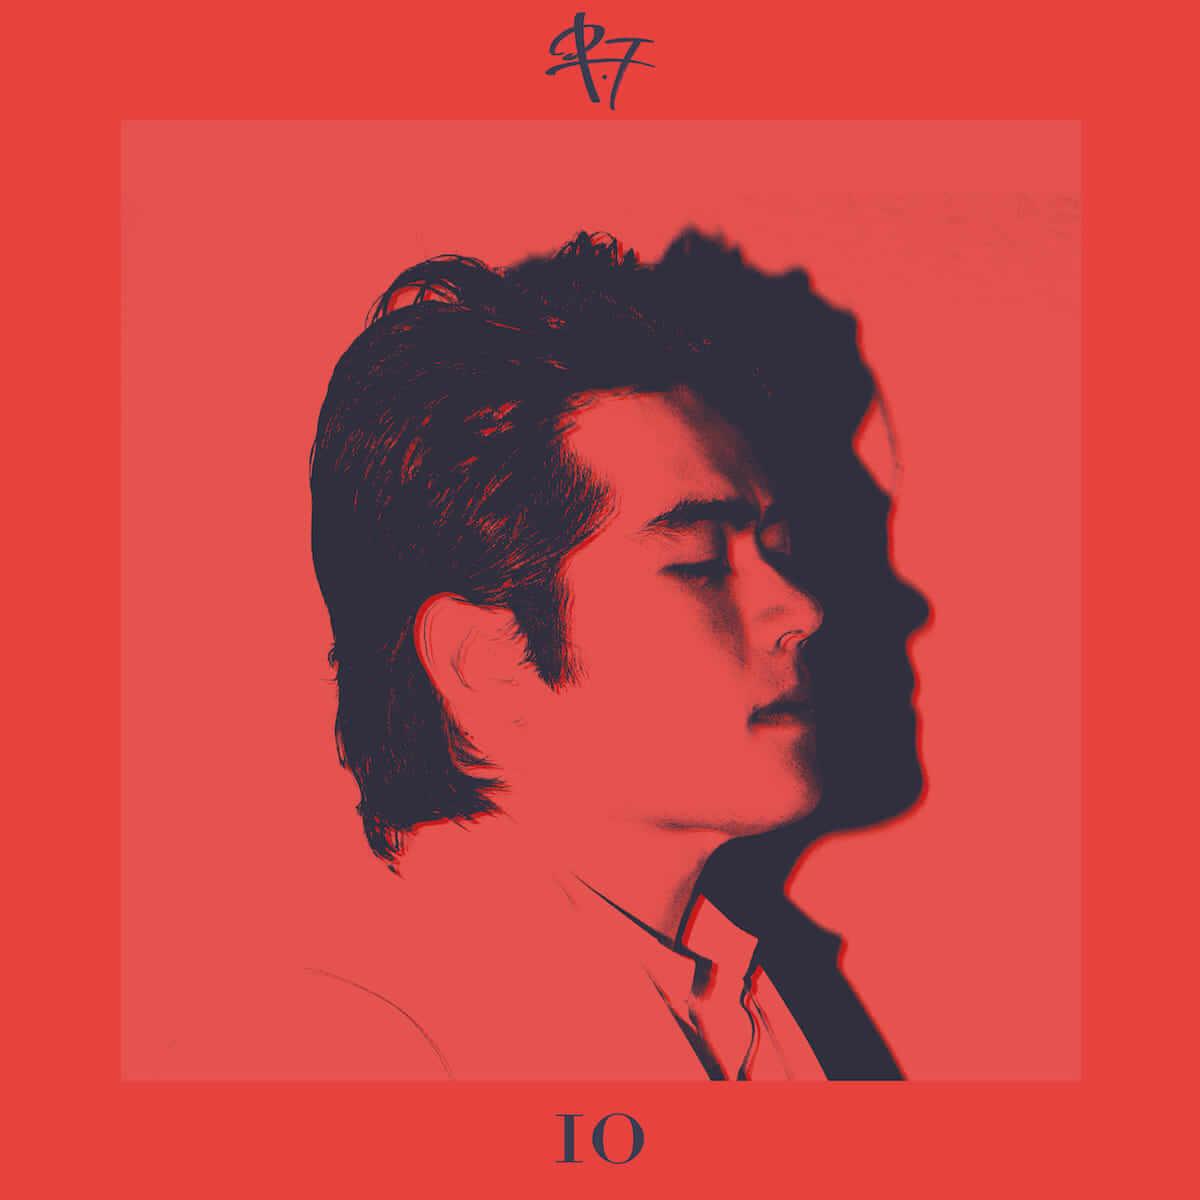 高岩 遼がBUDDHA108監督の新曲MVを公開|プロデュースはYaffle music180827_takaiwa-ryo_01-1200x1200